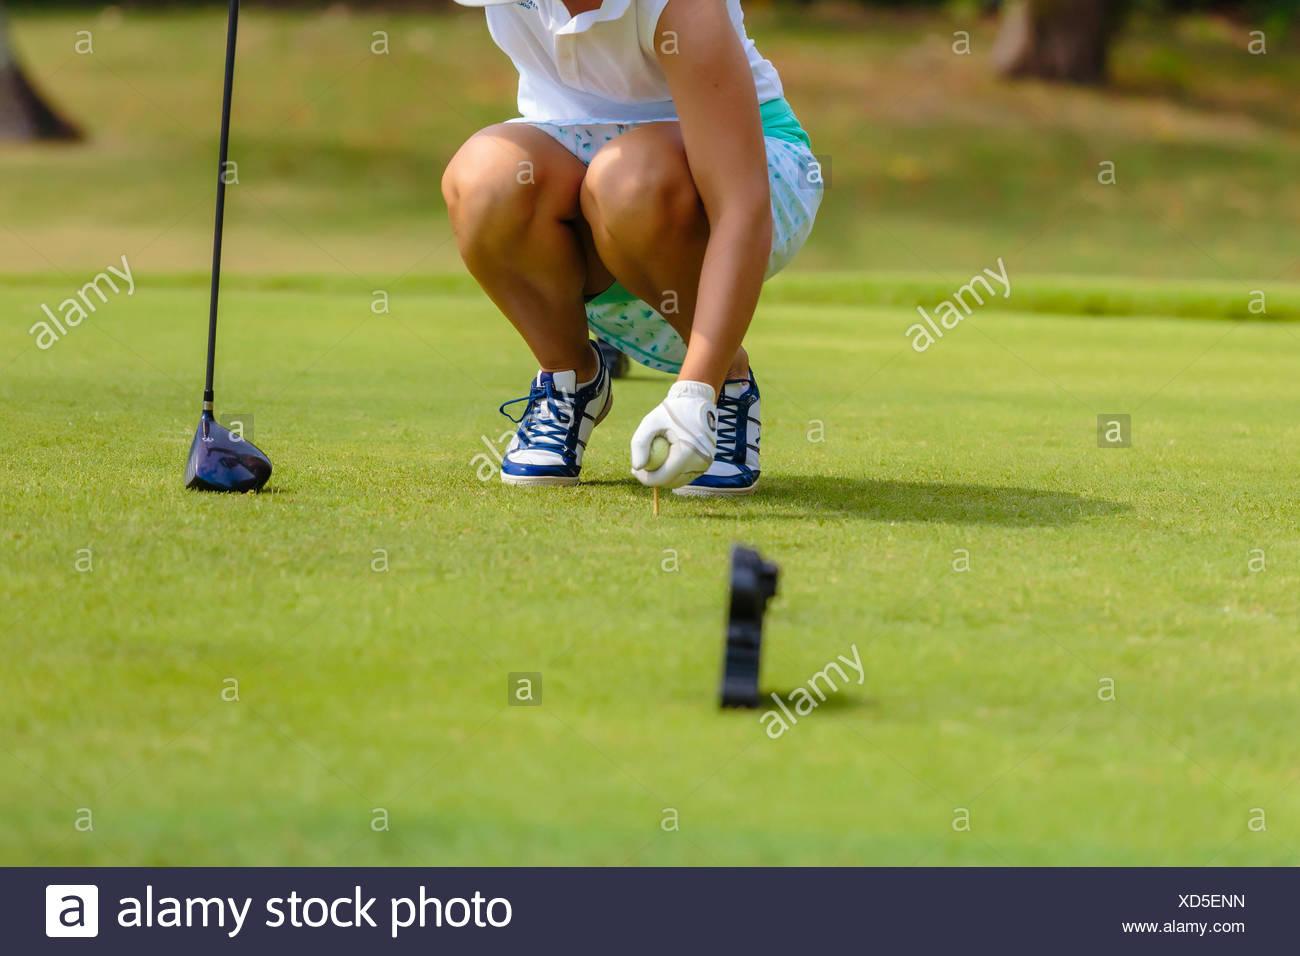 Young woman placing golf ball on tee - Stock Image